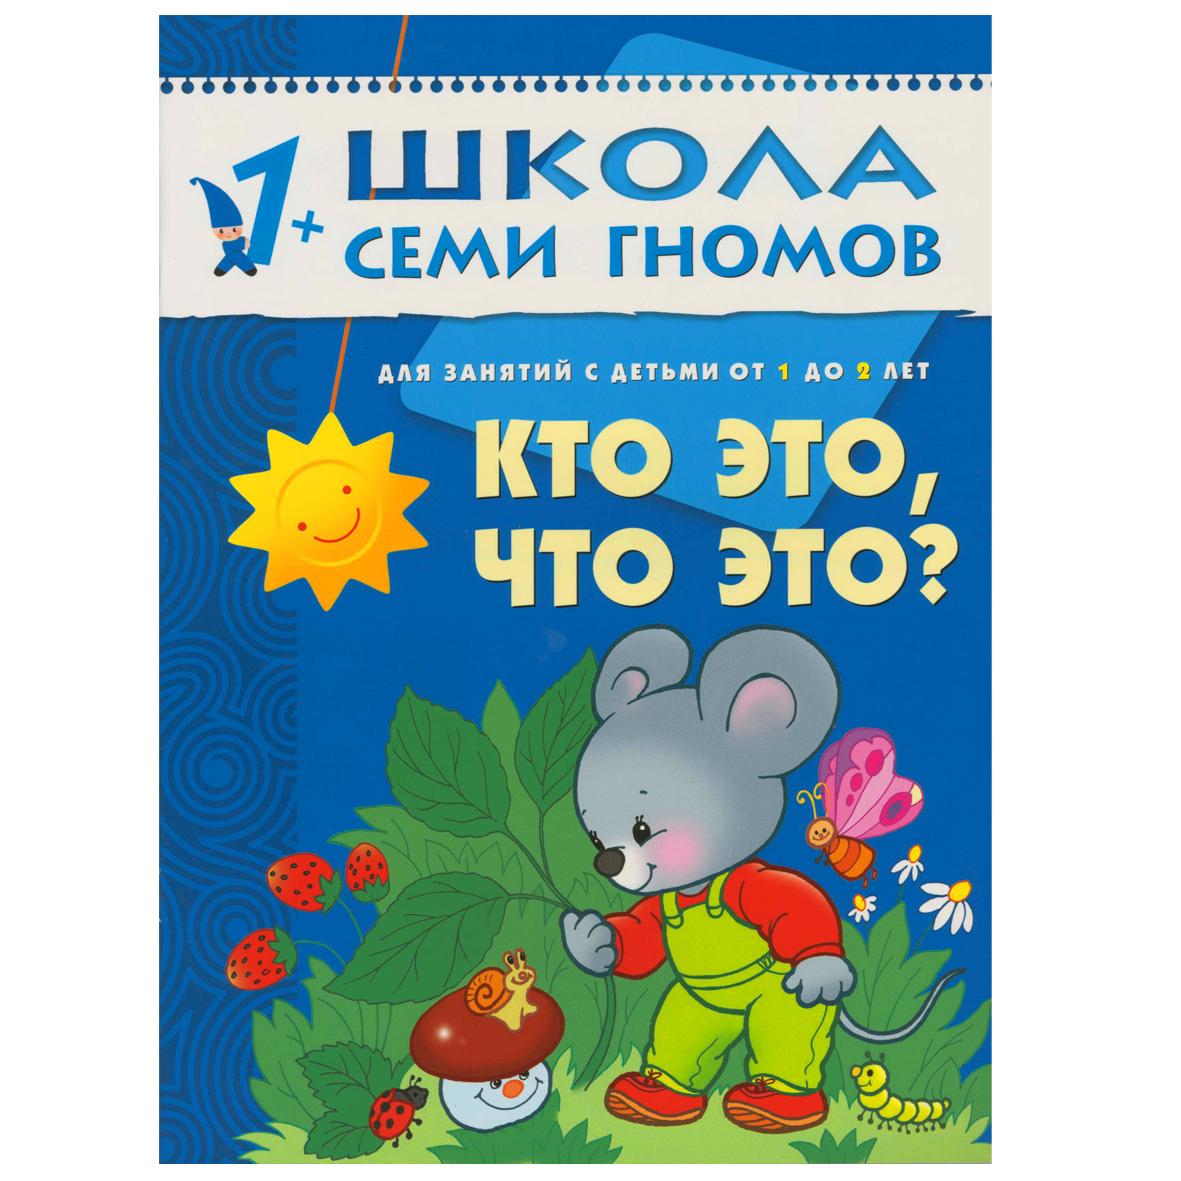 Кто это, что это?: Для занятий с детьми от 1 до 2 лет: Книжка с картон.вкл